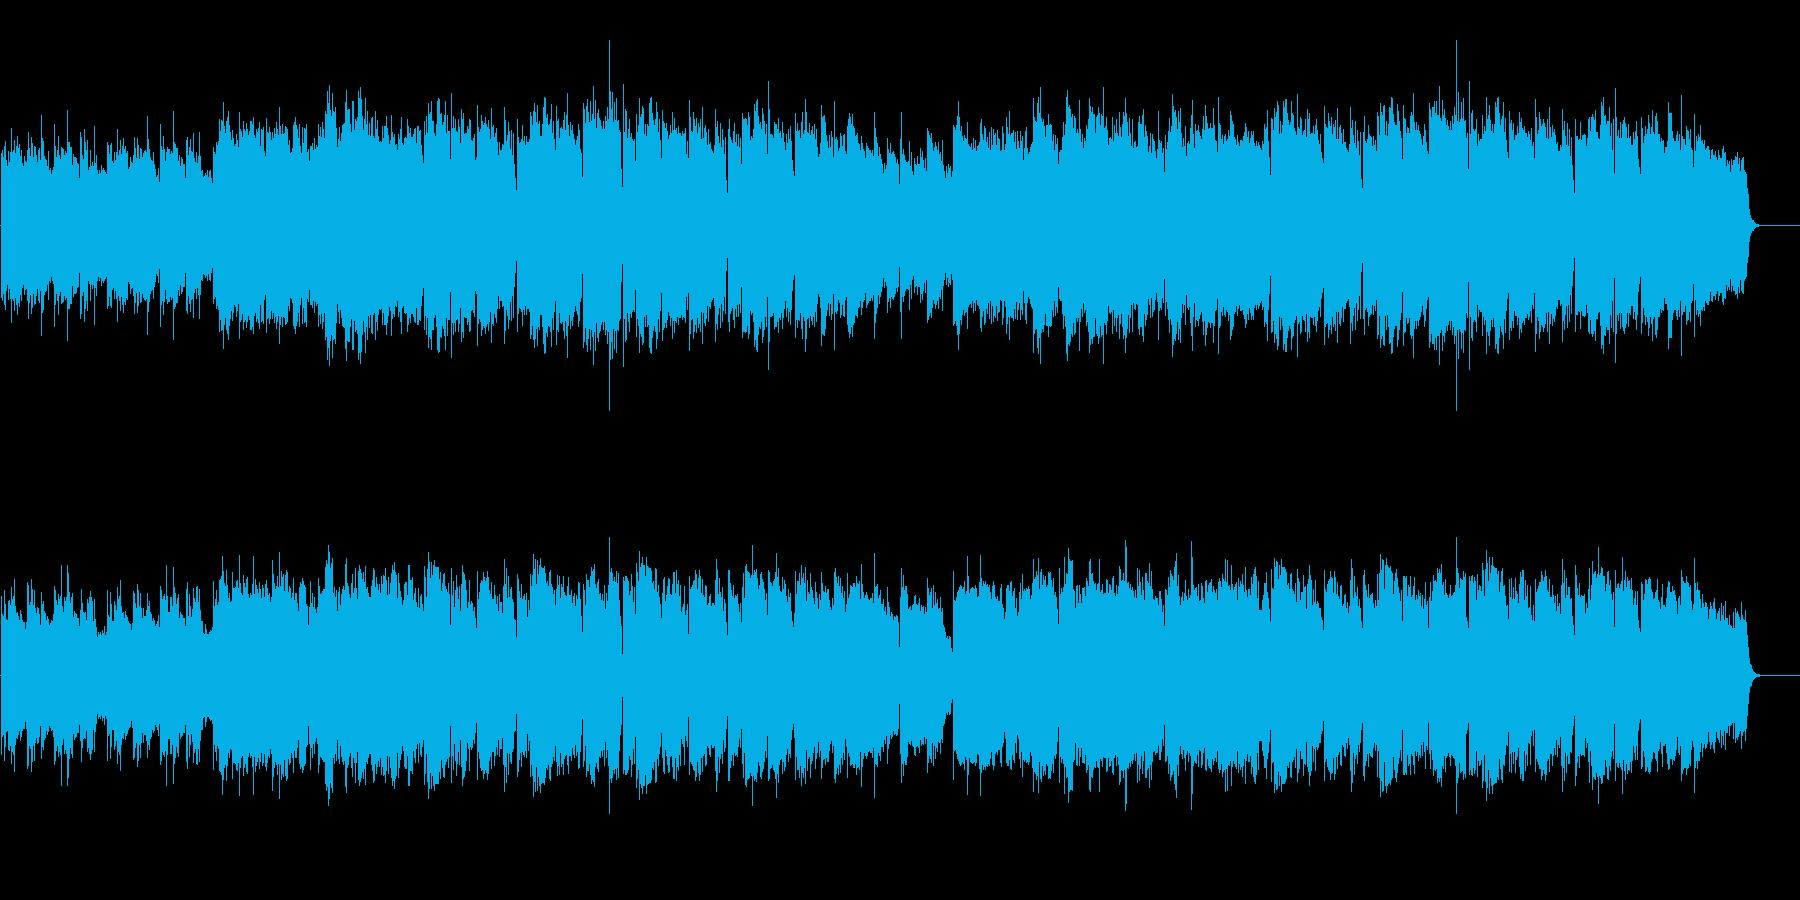 回想・後悔・卒業・温かいピアノ弦楽四重奏の再生済みの波形